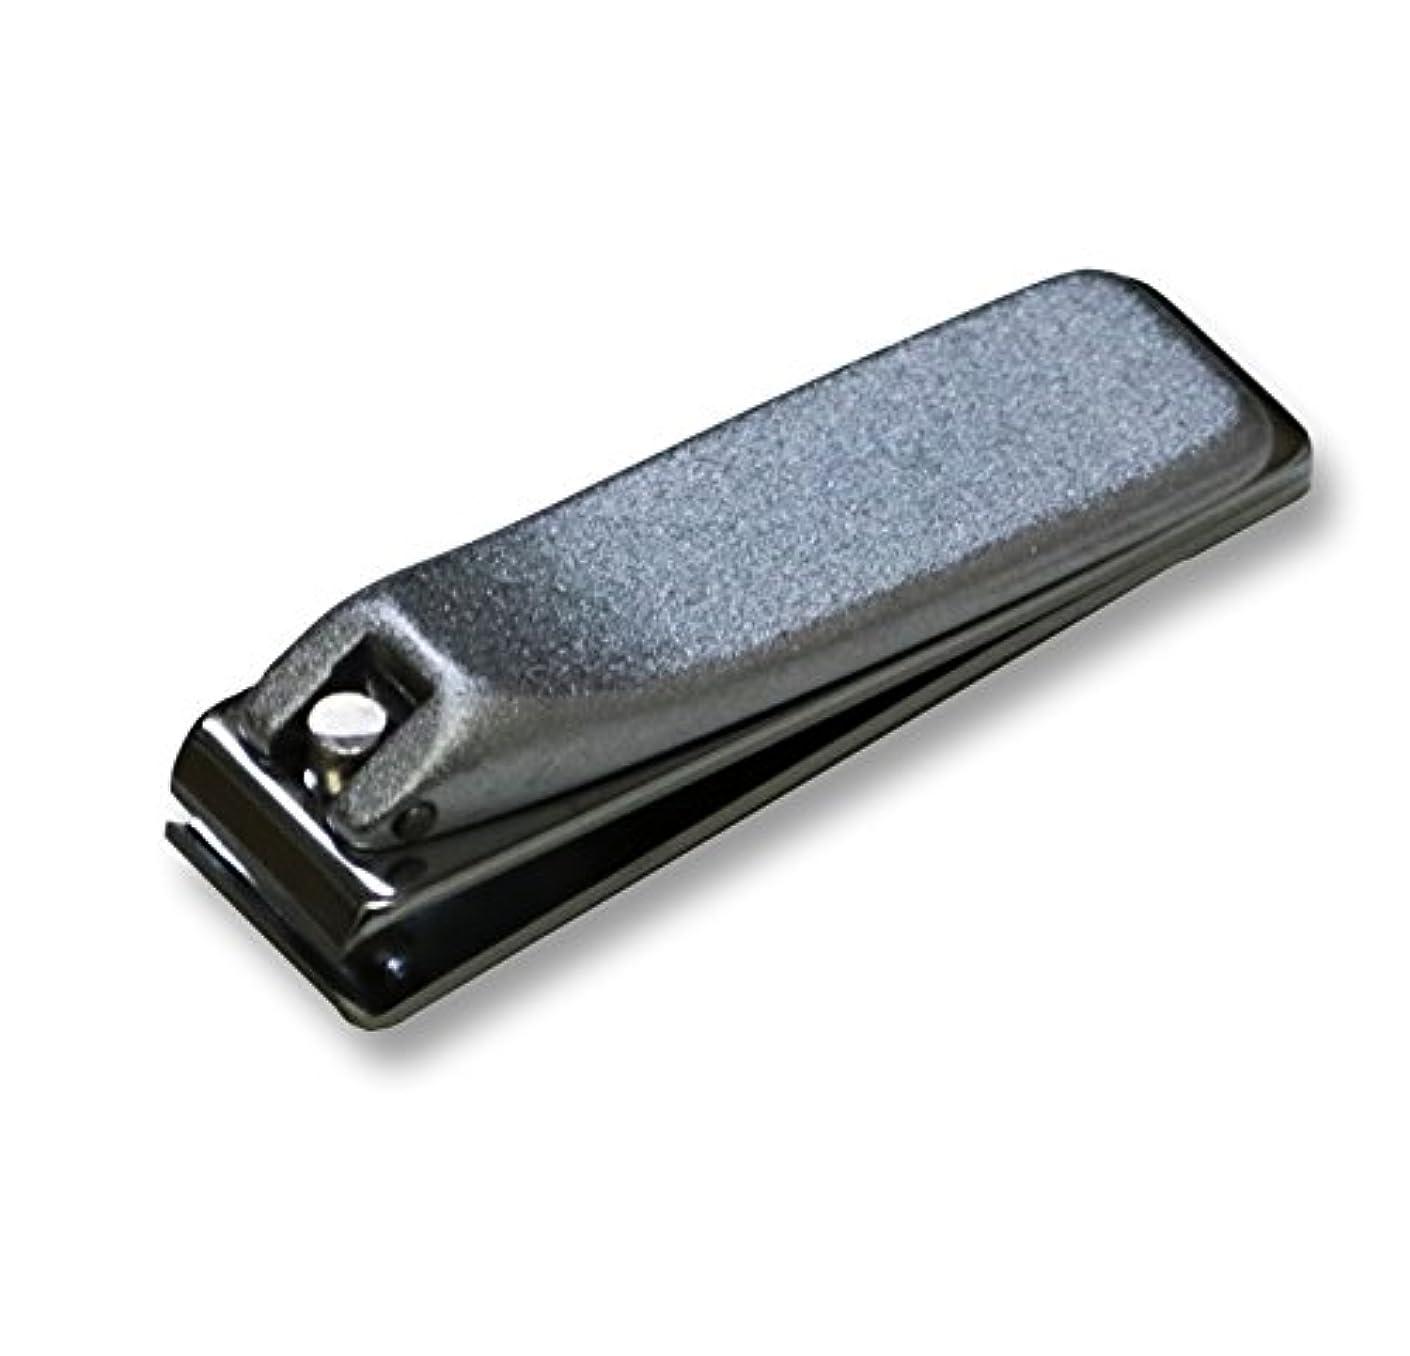 吸収業界震えKD-035 関の刃物 クローム爪切 直刃 小 カバー無